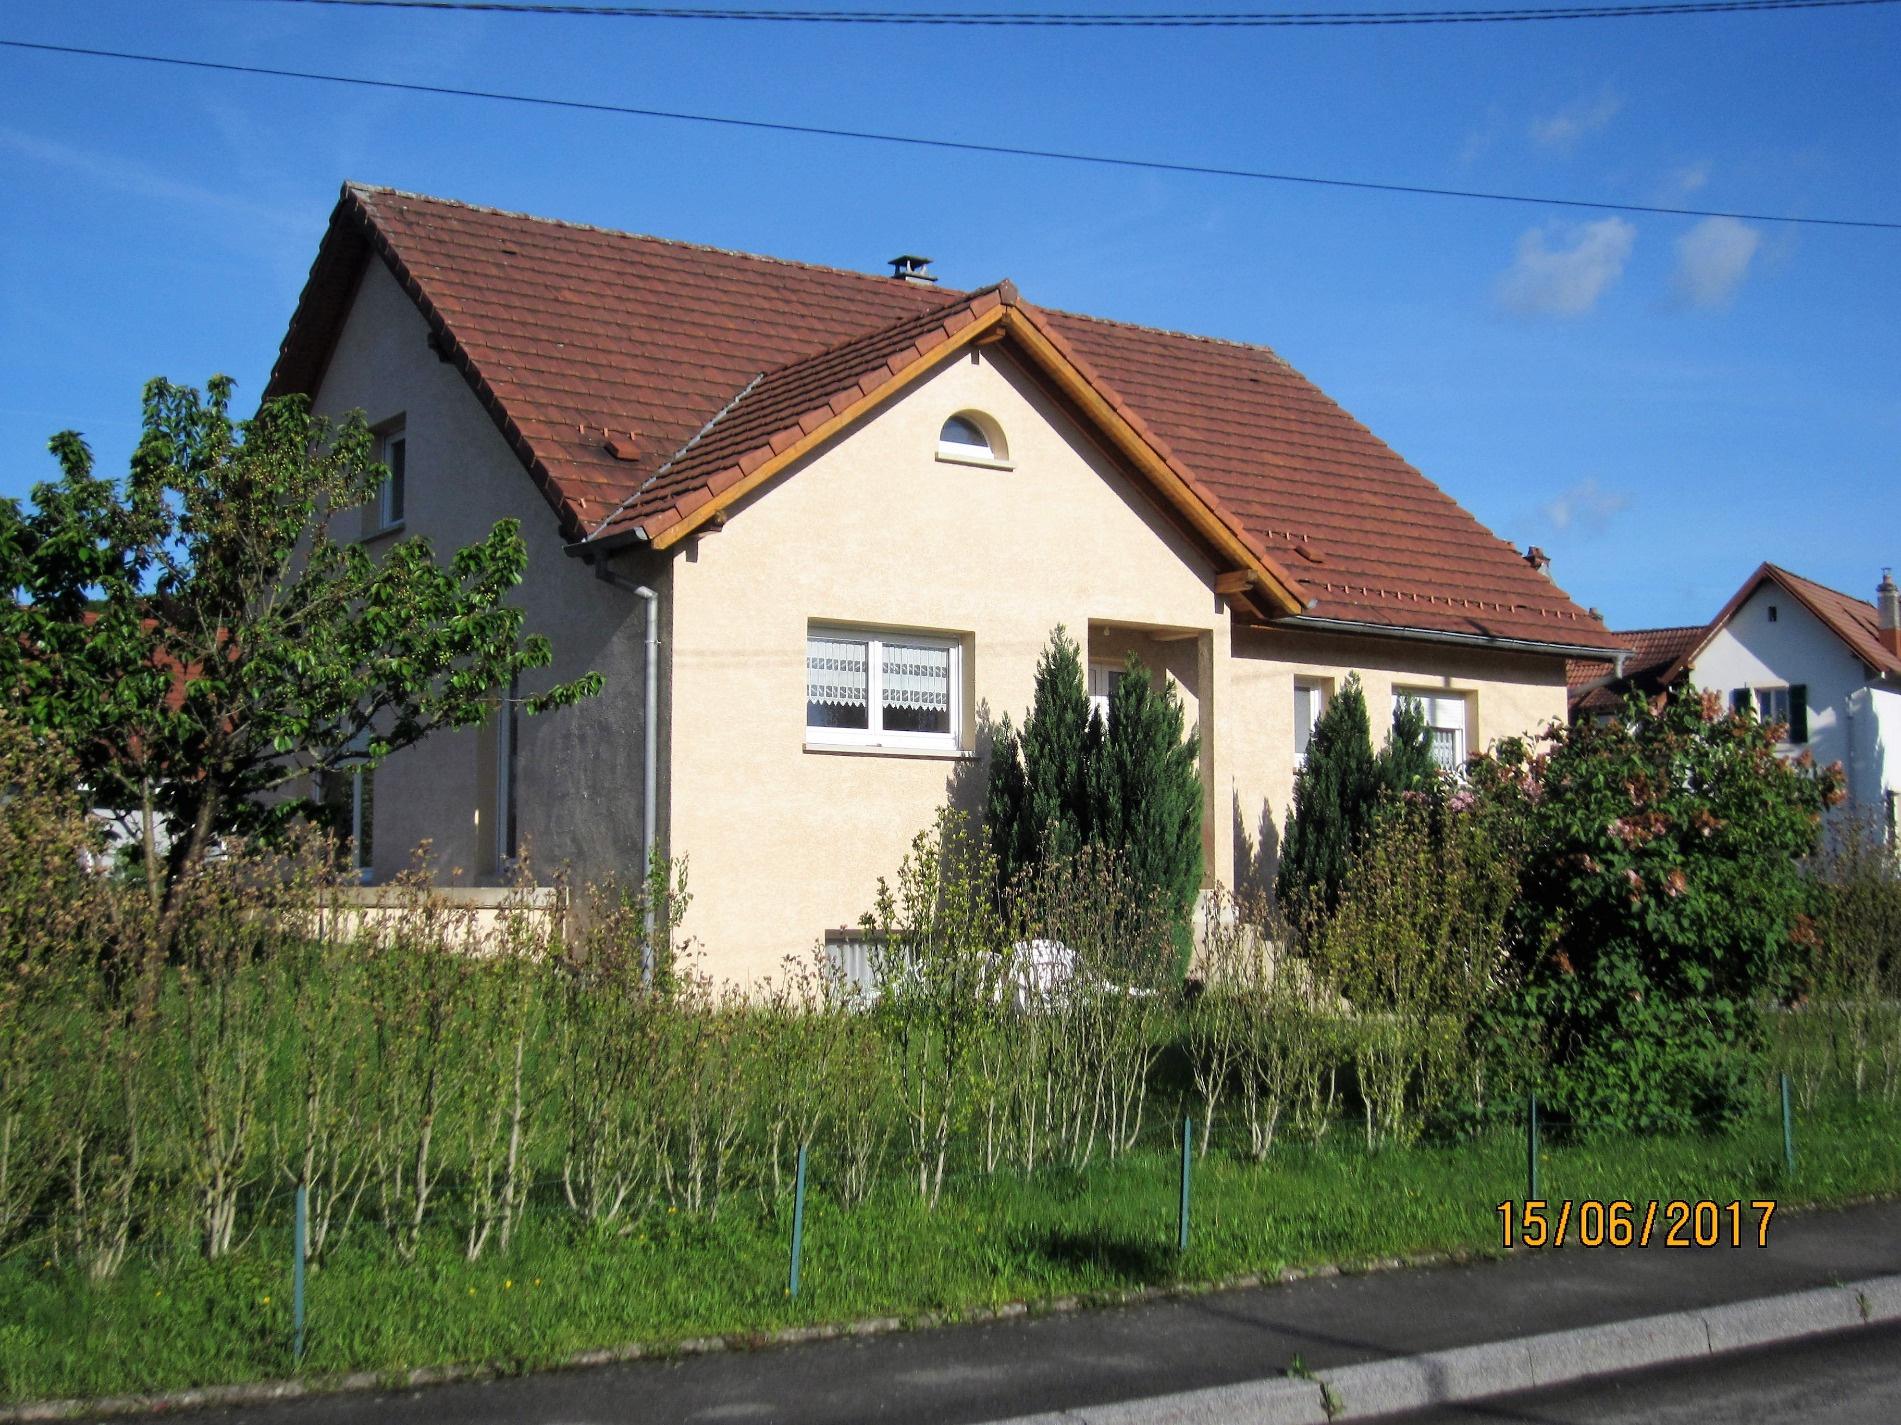 vente maison de 2005 15 minutes de belfort